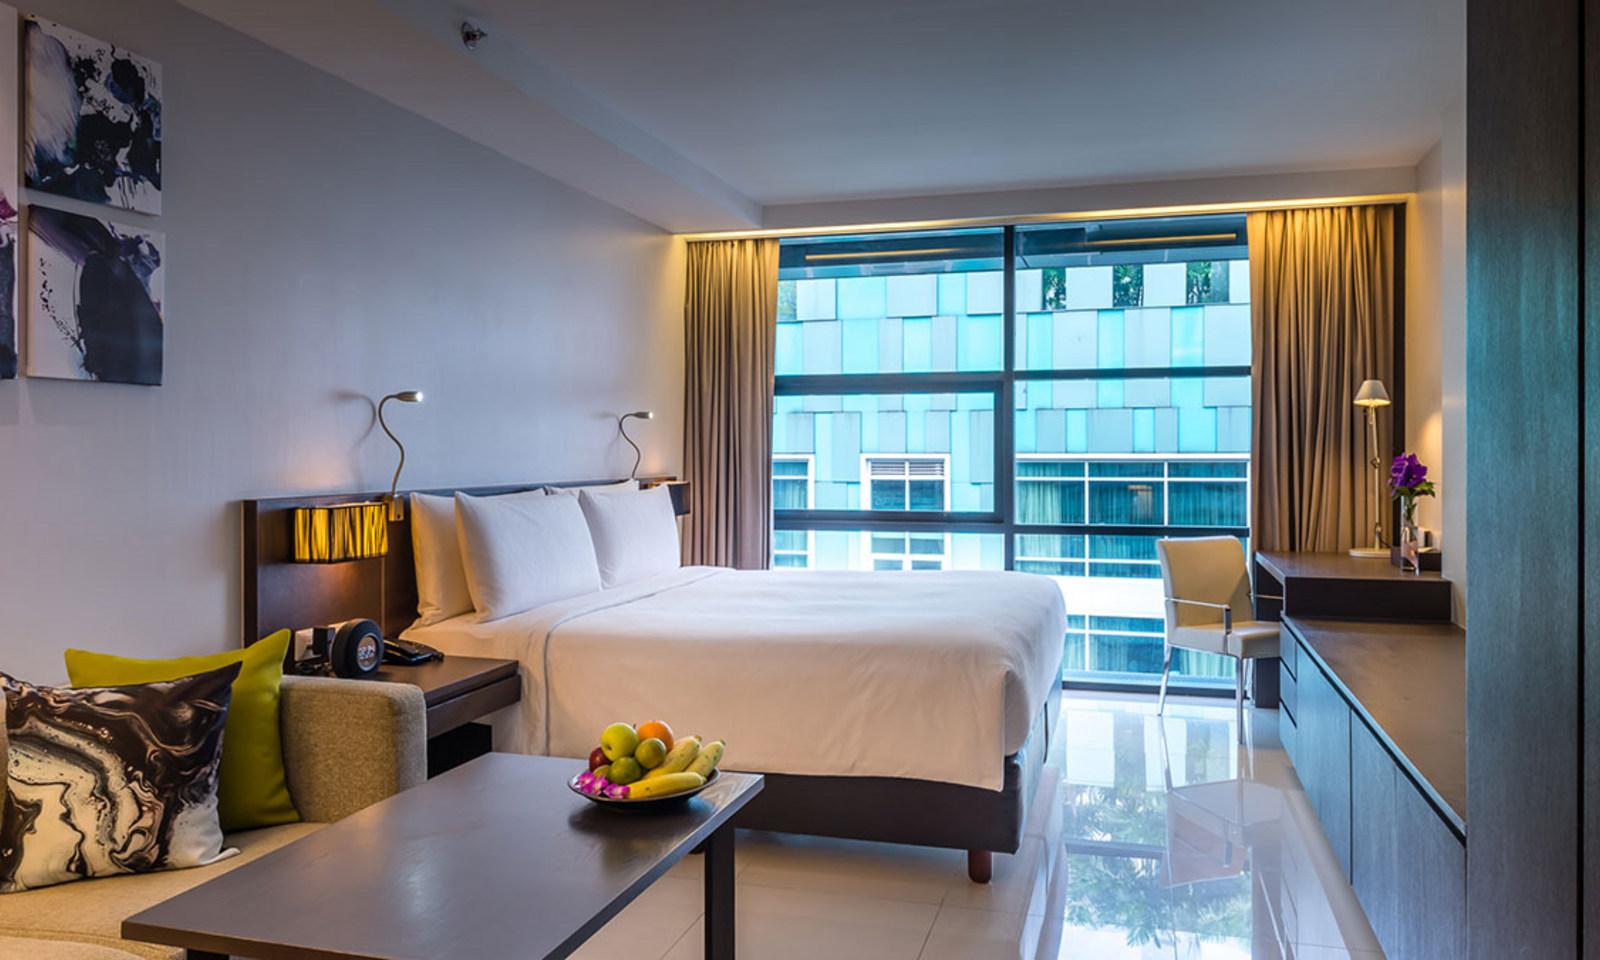 Studio - Maitria Hotel Sukhumvit 18 - Apartments for Rent ...